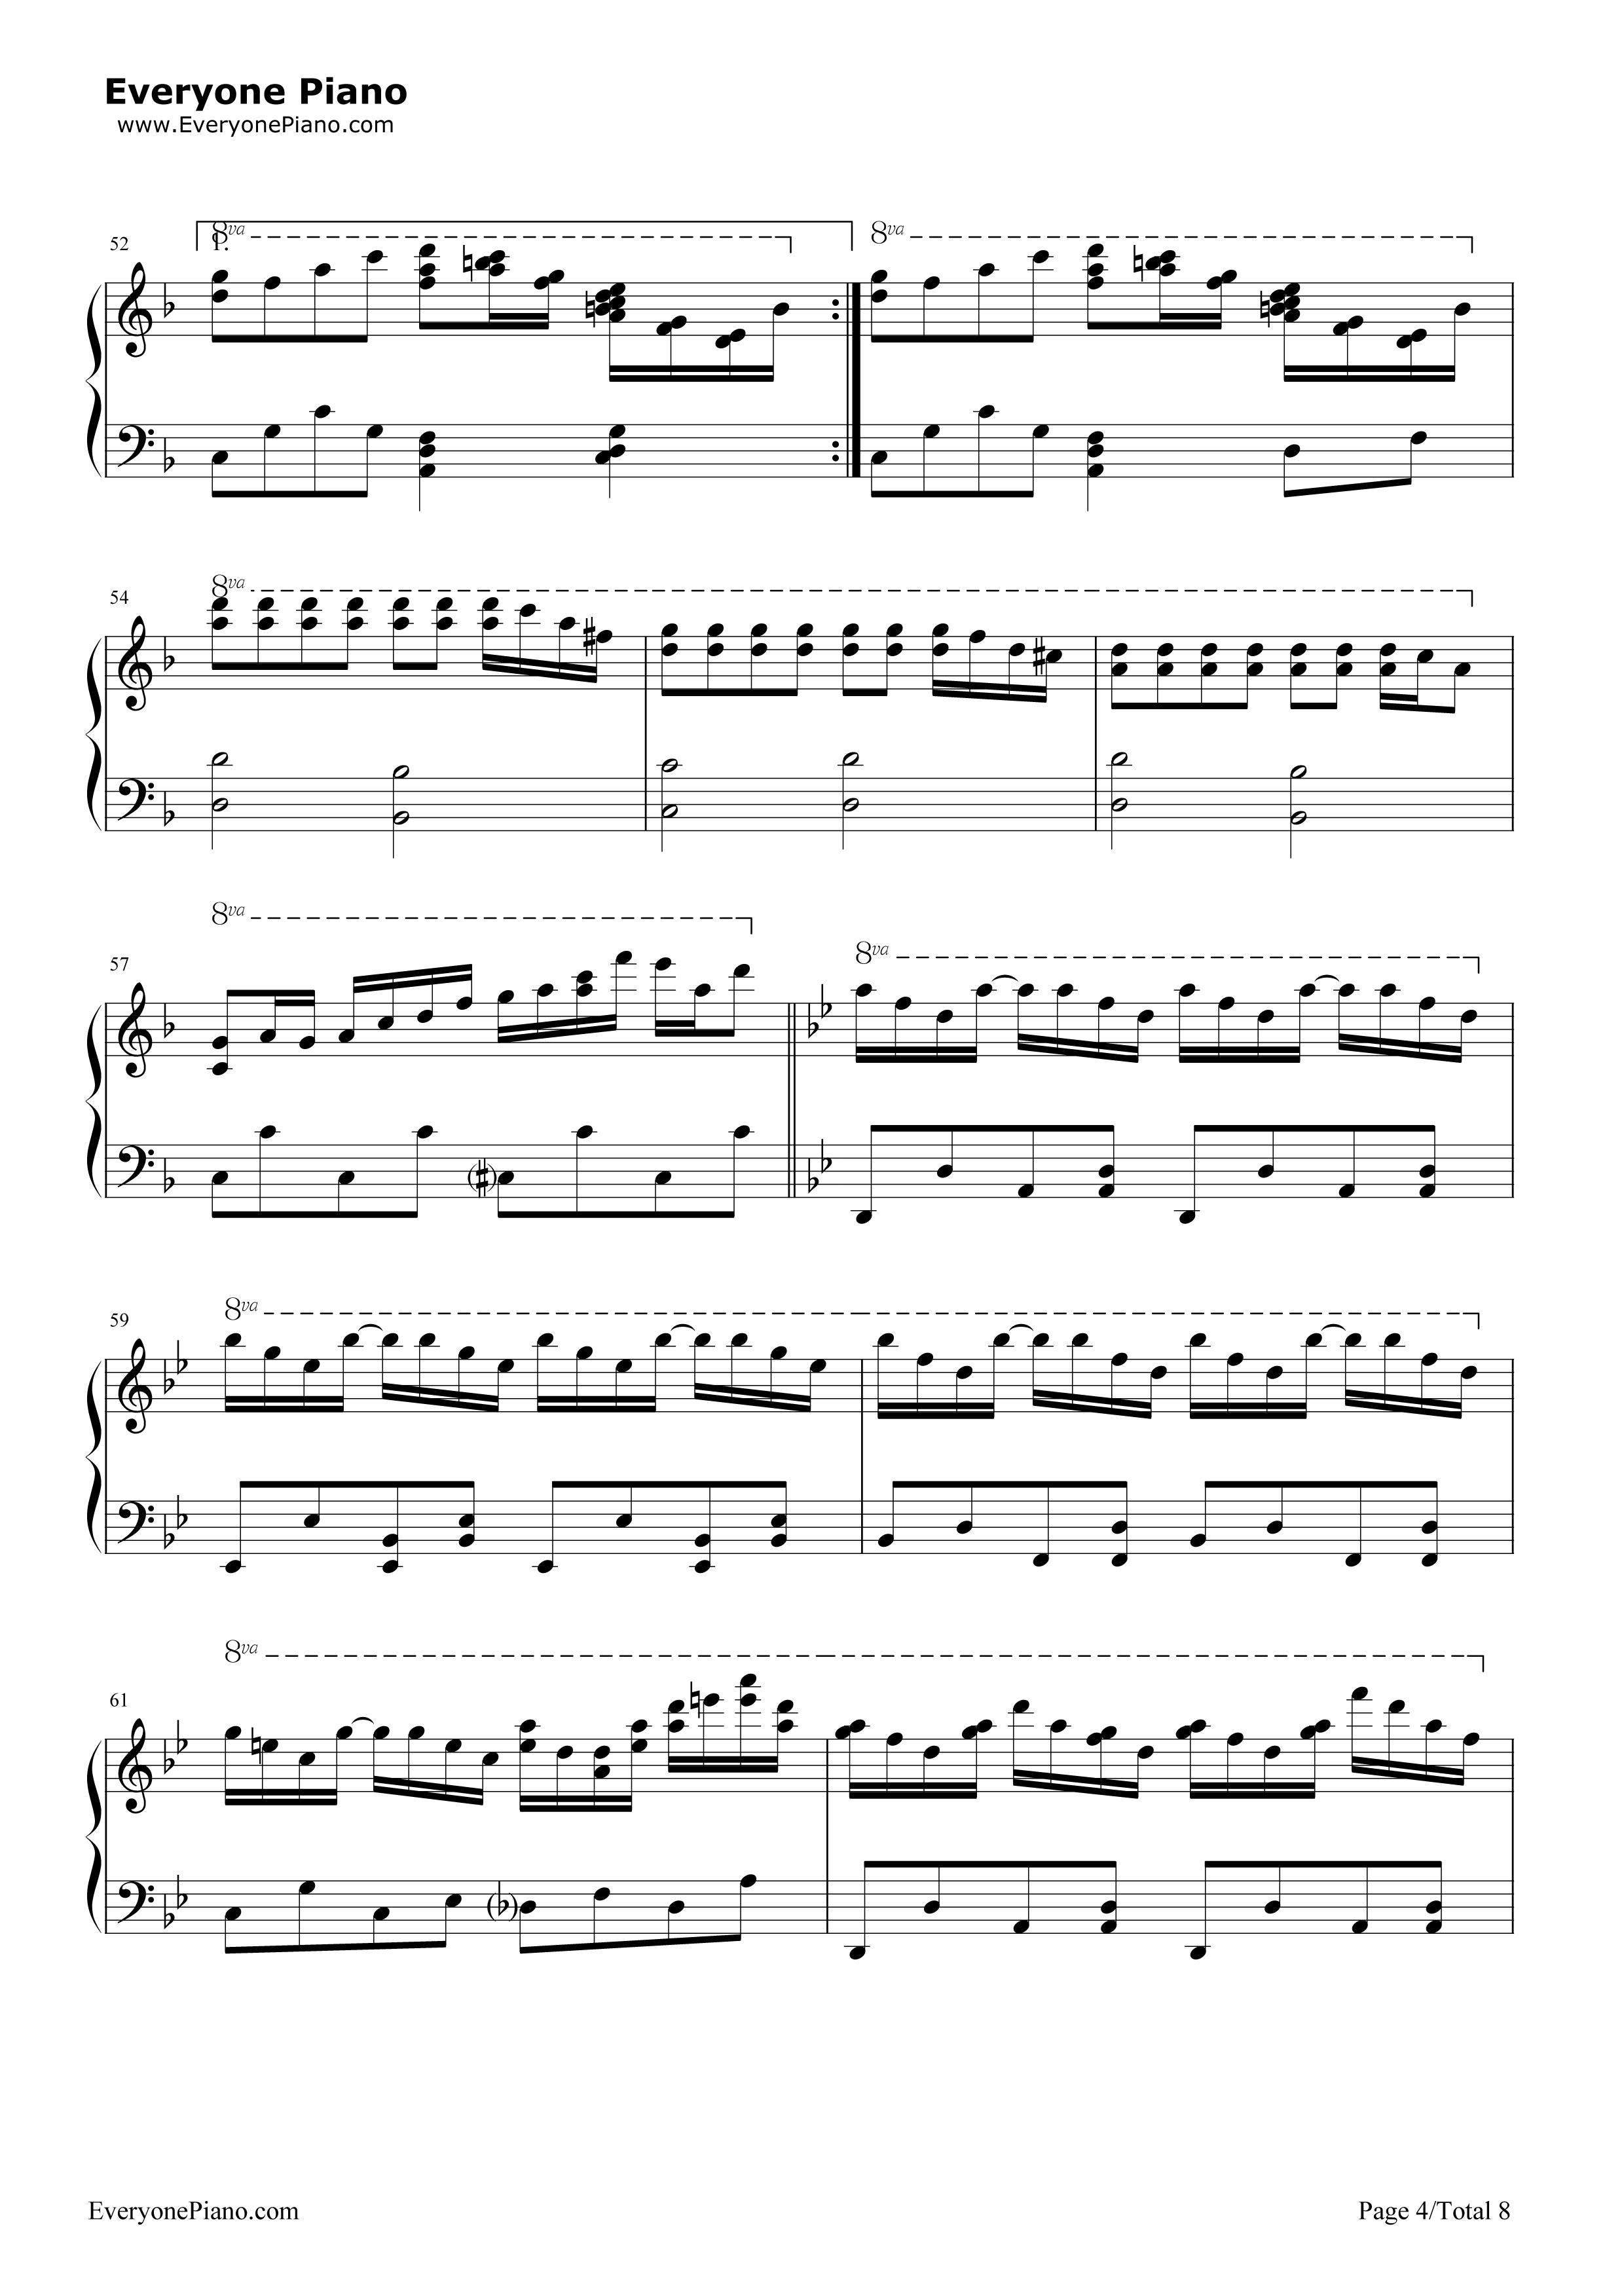 千本桜五線譜プレビュー4 千本桜五線譜プレビュー( 総数8枚 )  無料の楽譜「五線譜、両手略譜